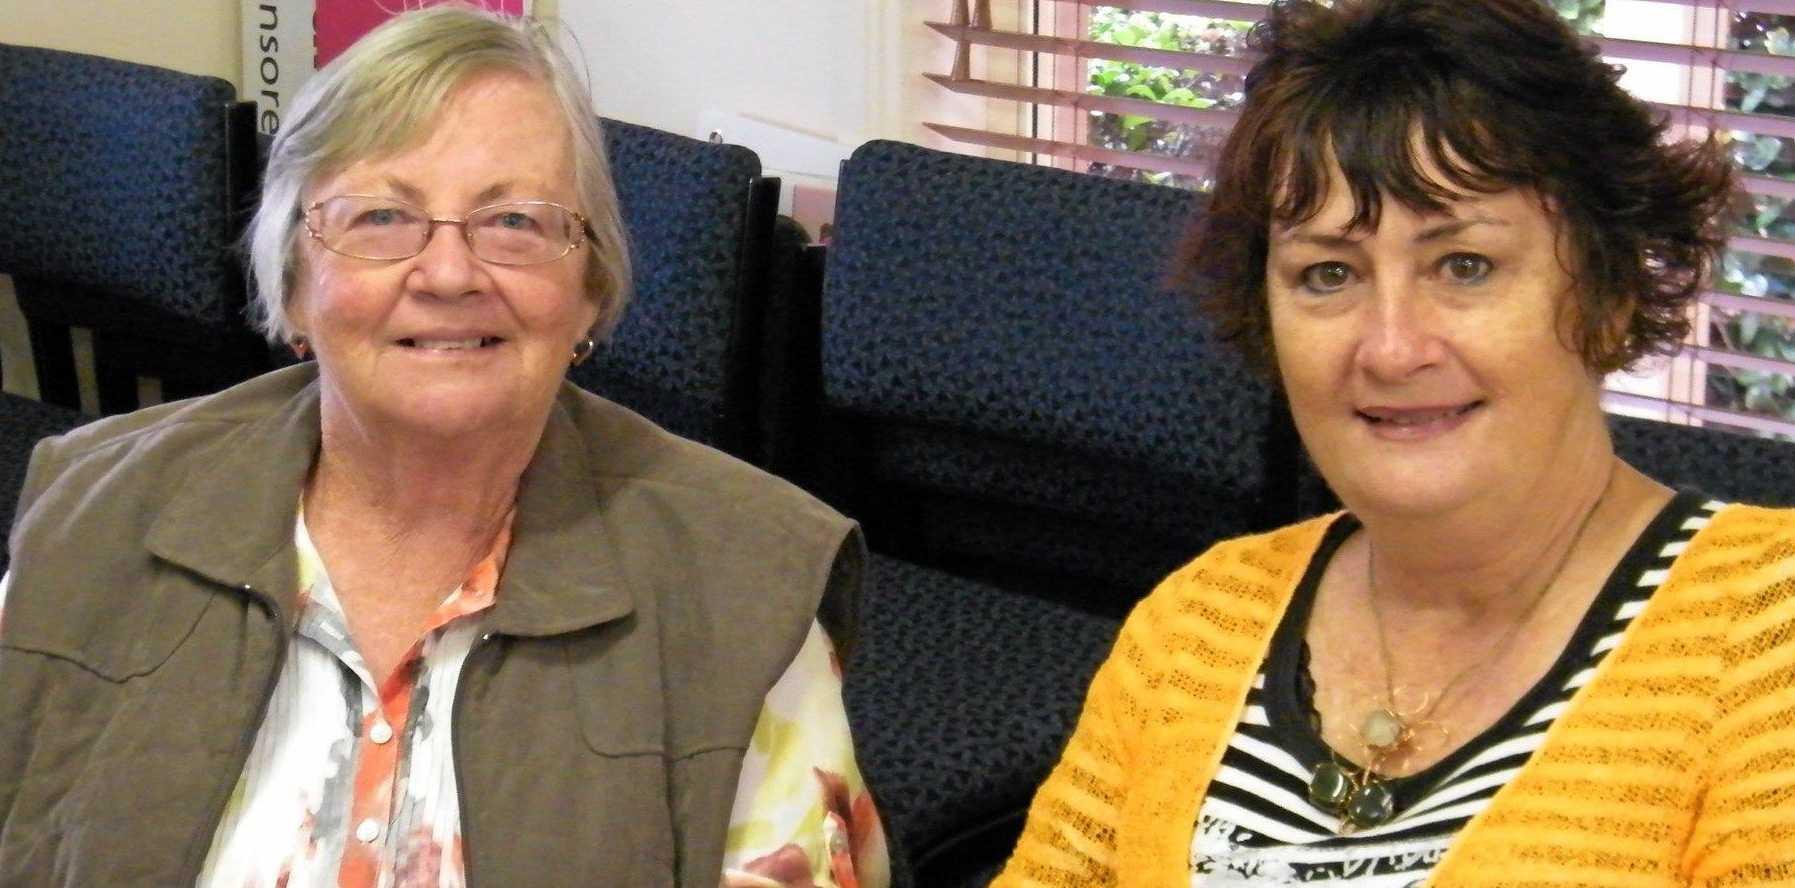 Volunteers June Burke (left) and Wendy Power enjoy the atmosphere.